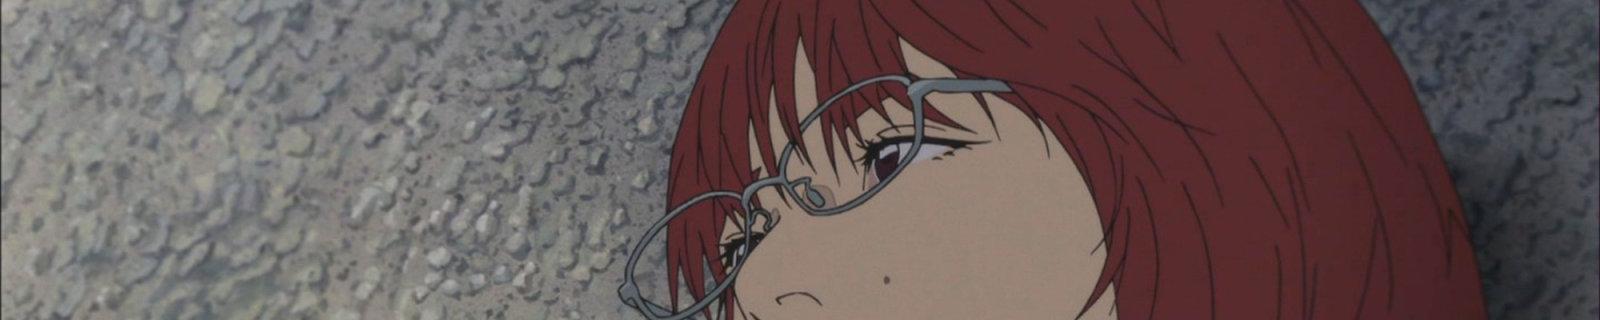 26岁作画监督杉崎由佳去世